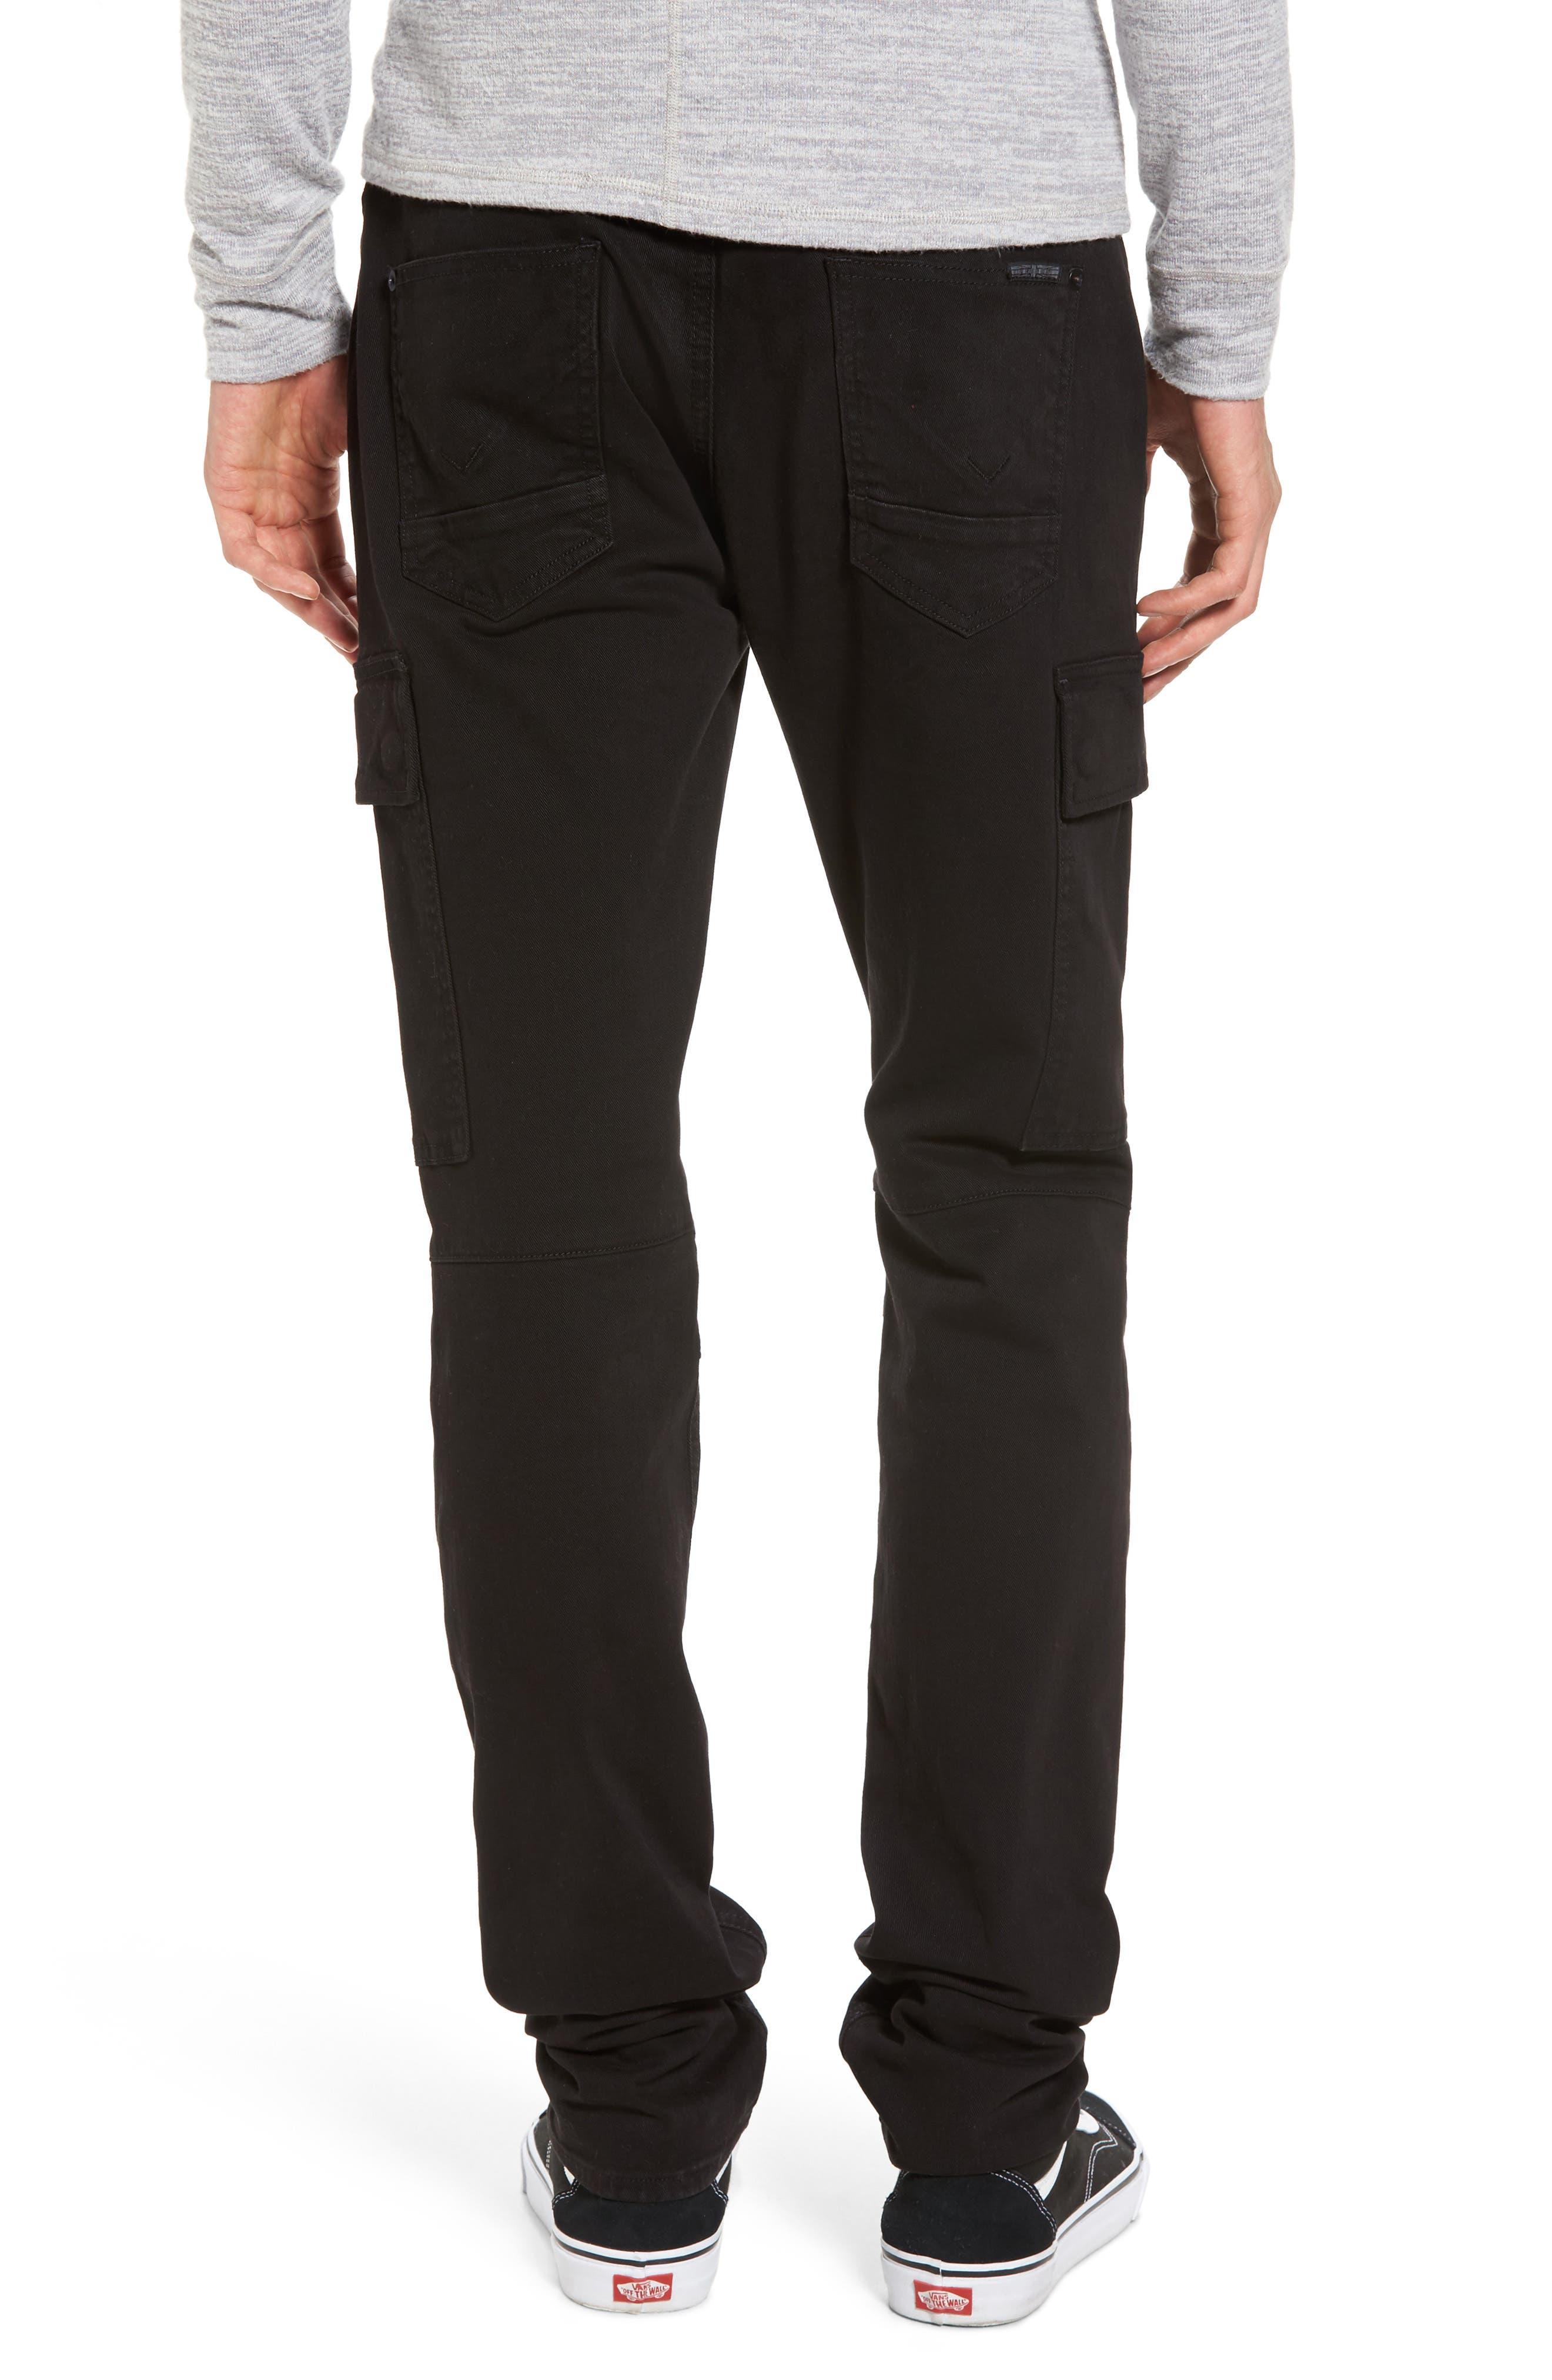 Alternate Image 2  - Hudson Jeans Greyson Cargo Biker Skinny Fit Jeans (Black)